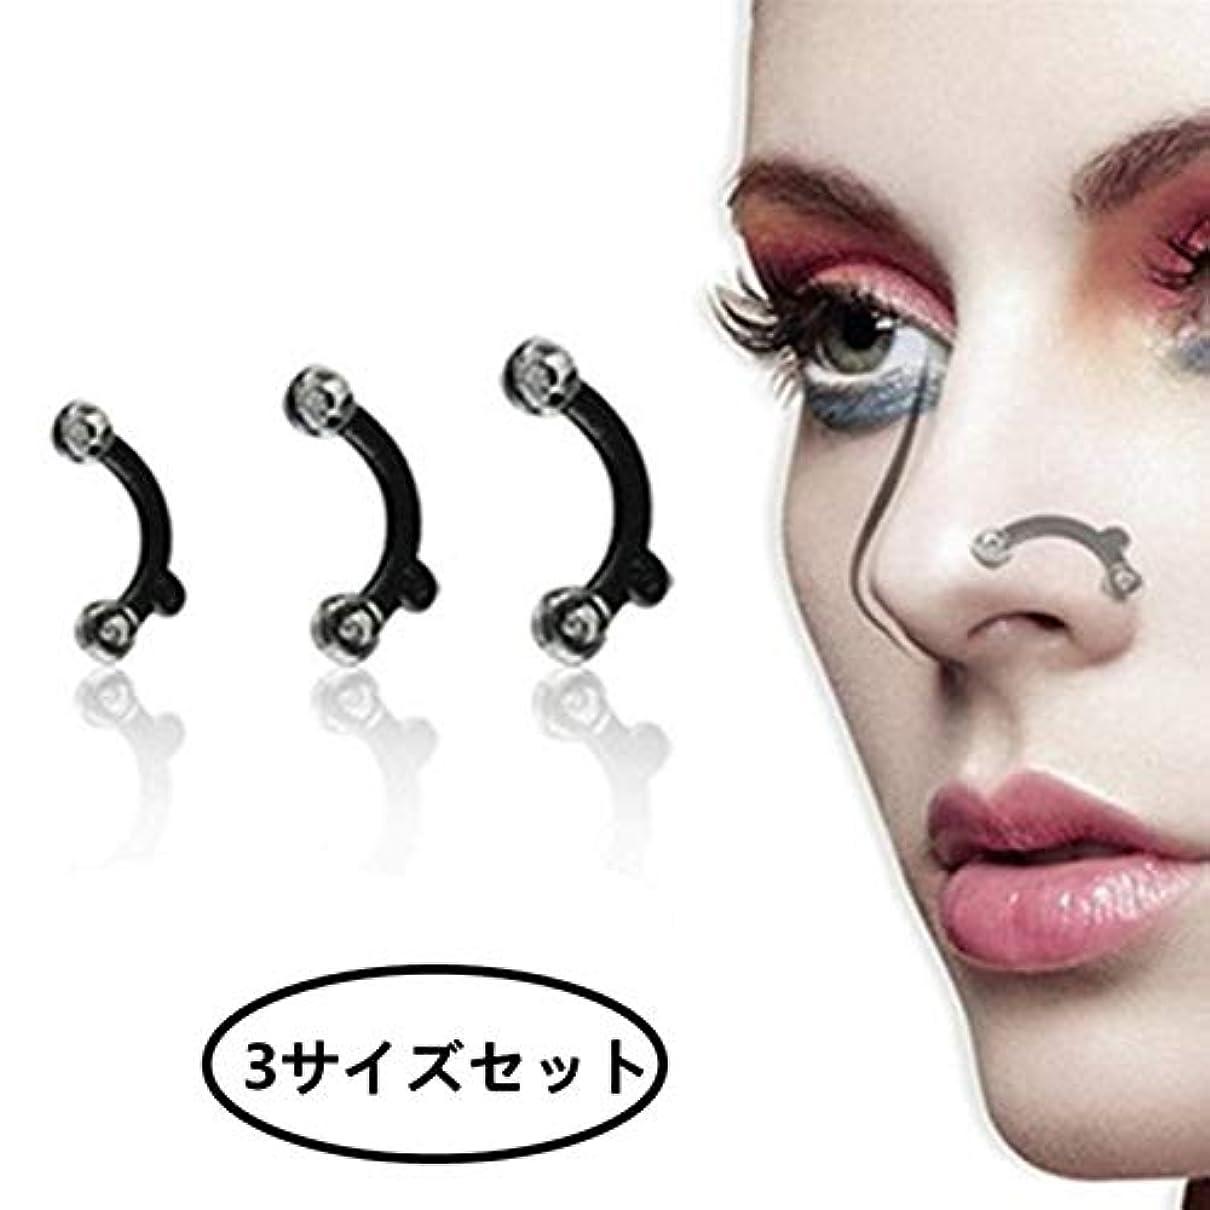 重要な役割を果たす、中心的な手段となる配る電話鼻プチ 柔軟性高く ビューティー 矯正プチ 整形せ 24.5mm/25.5mm/27mm 全3サイズセット ブラック